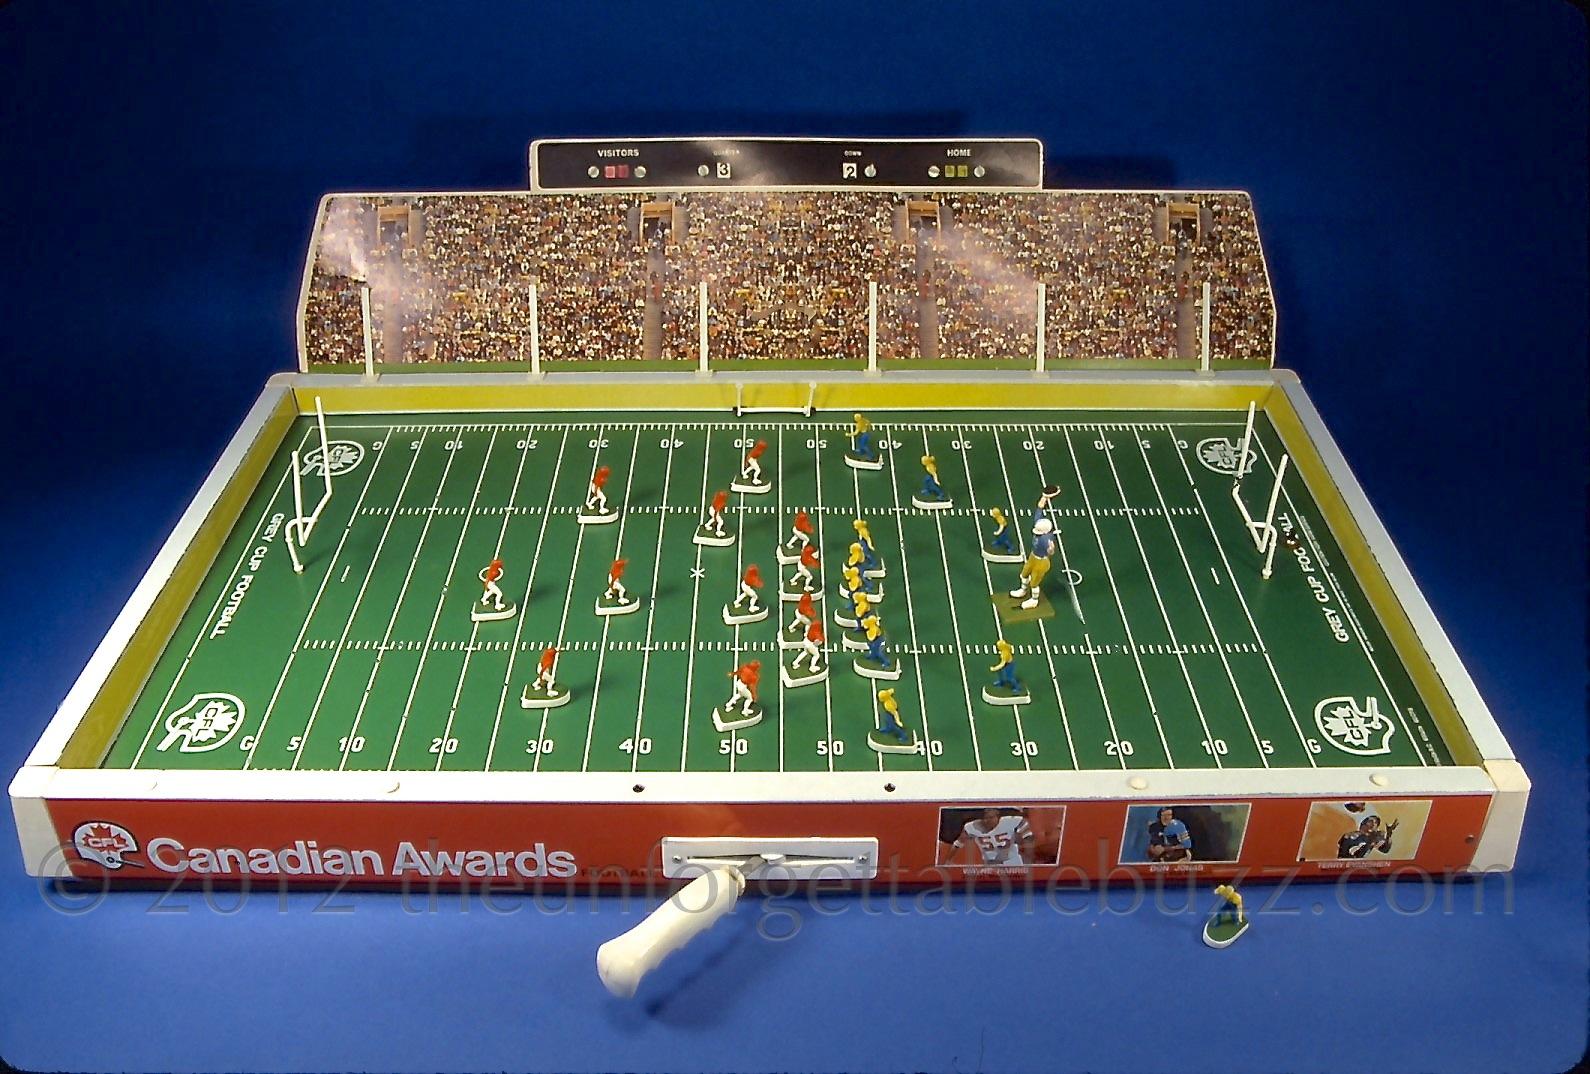 1973 CFL season